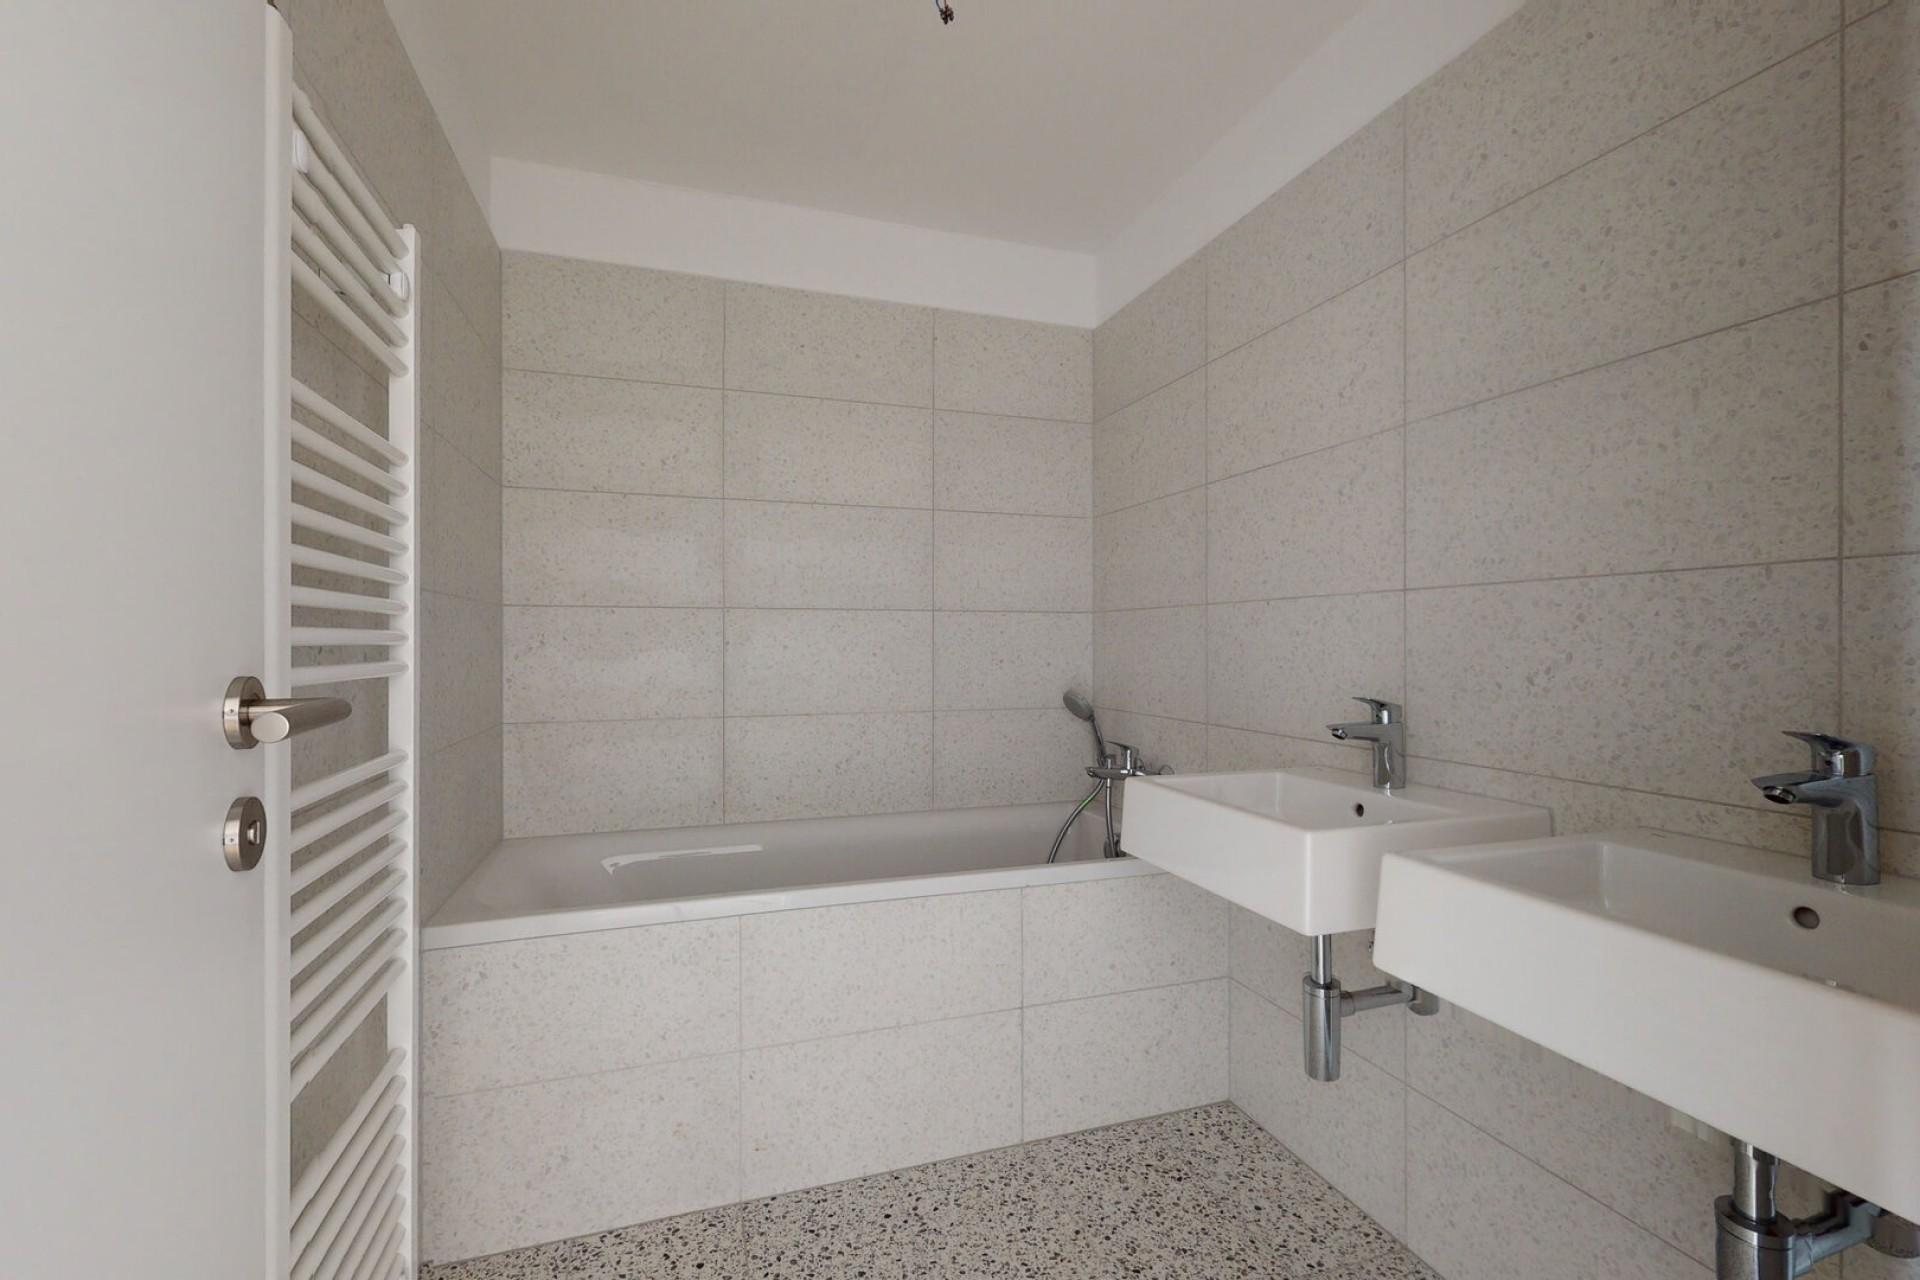 Veľkometrážny 4izbovy byt s dvomi terasami - marec 2021